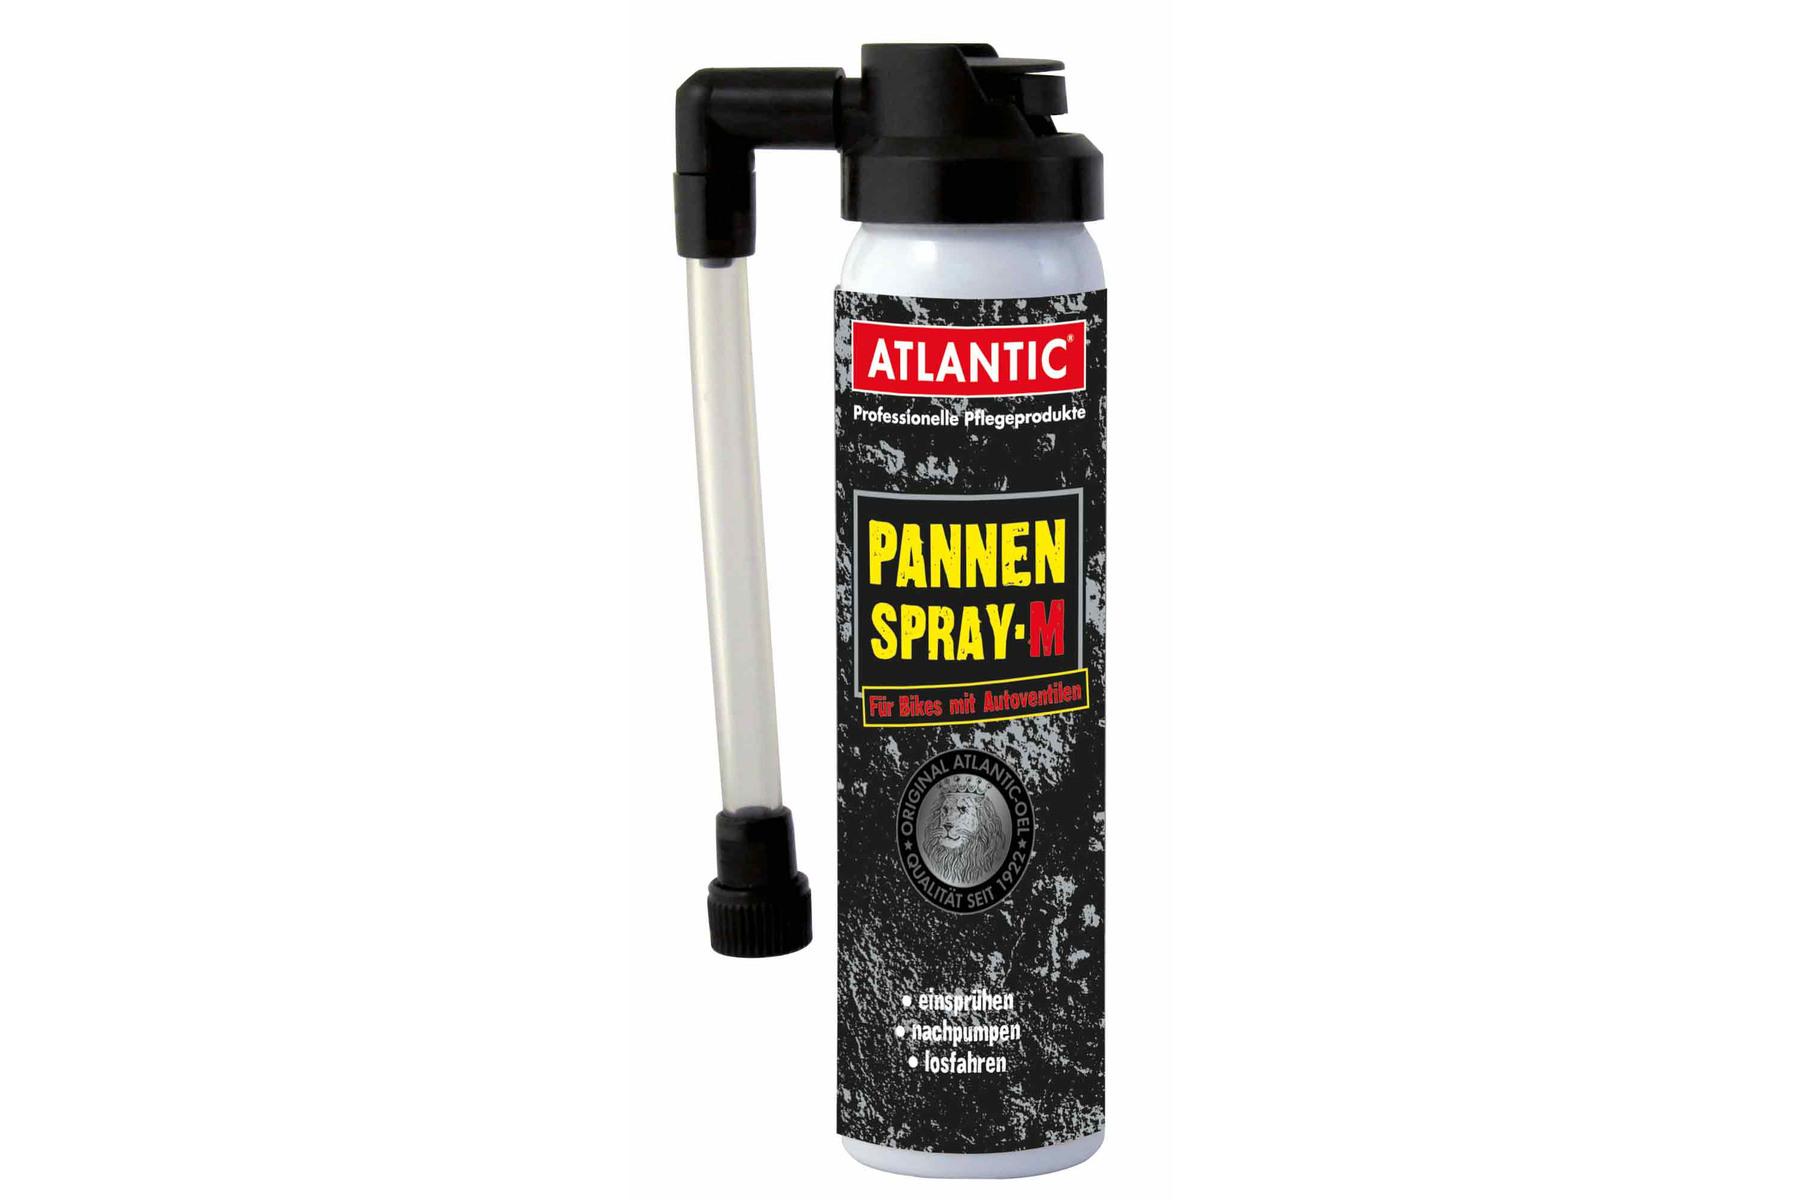 Atlantic Pannenspray M für Autoventil